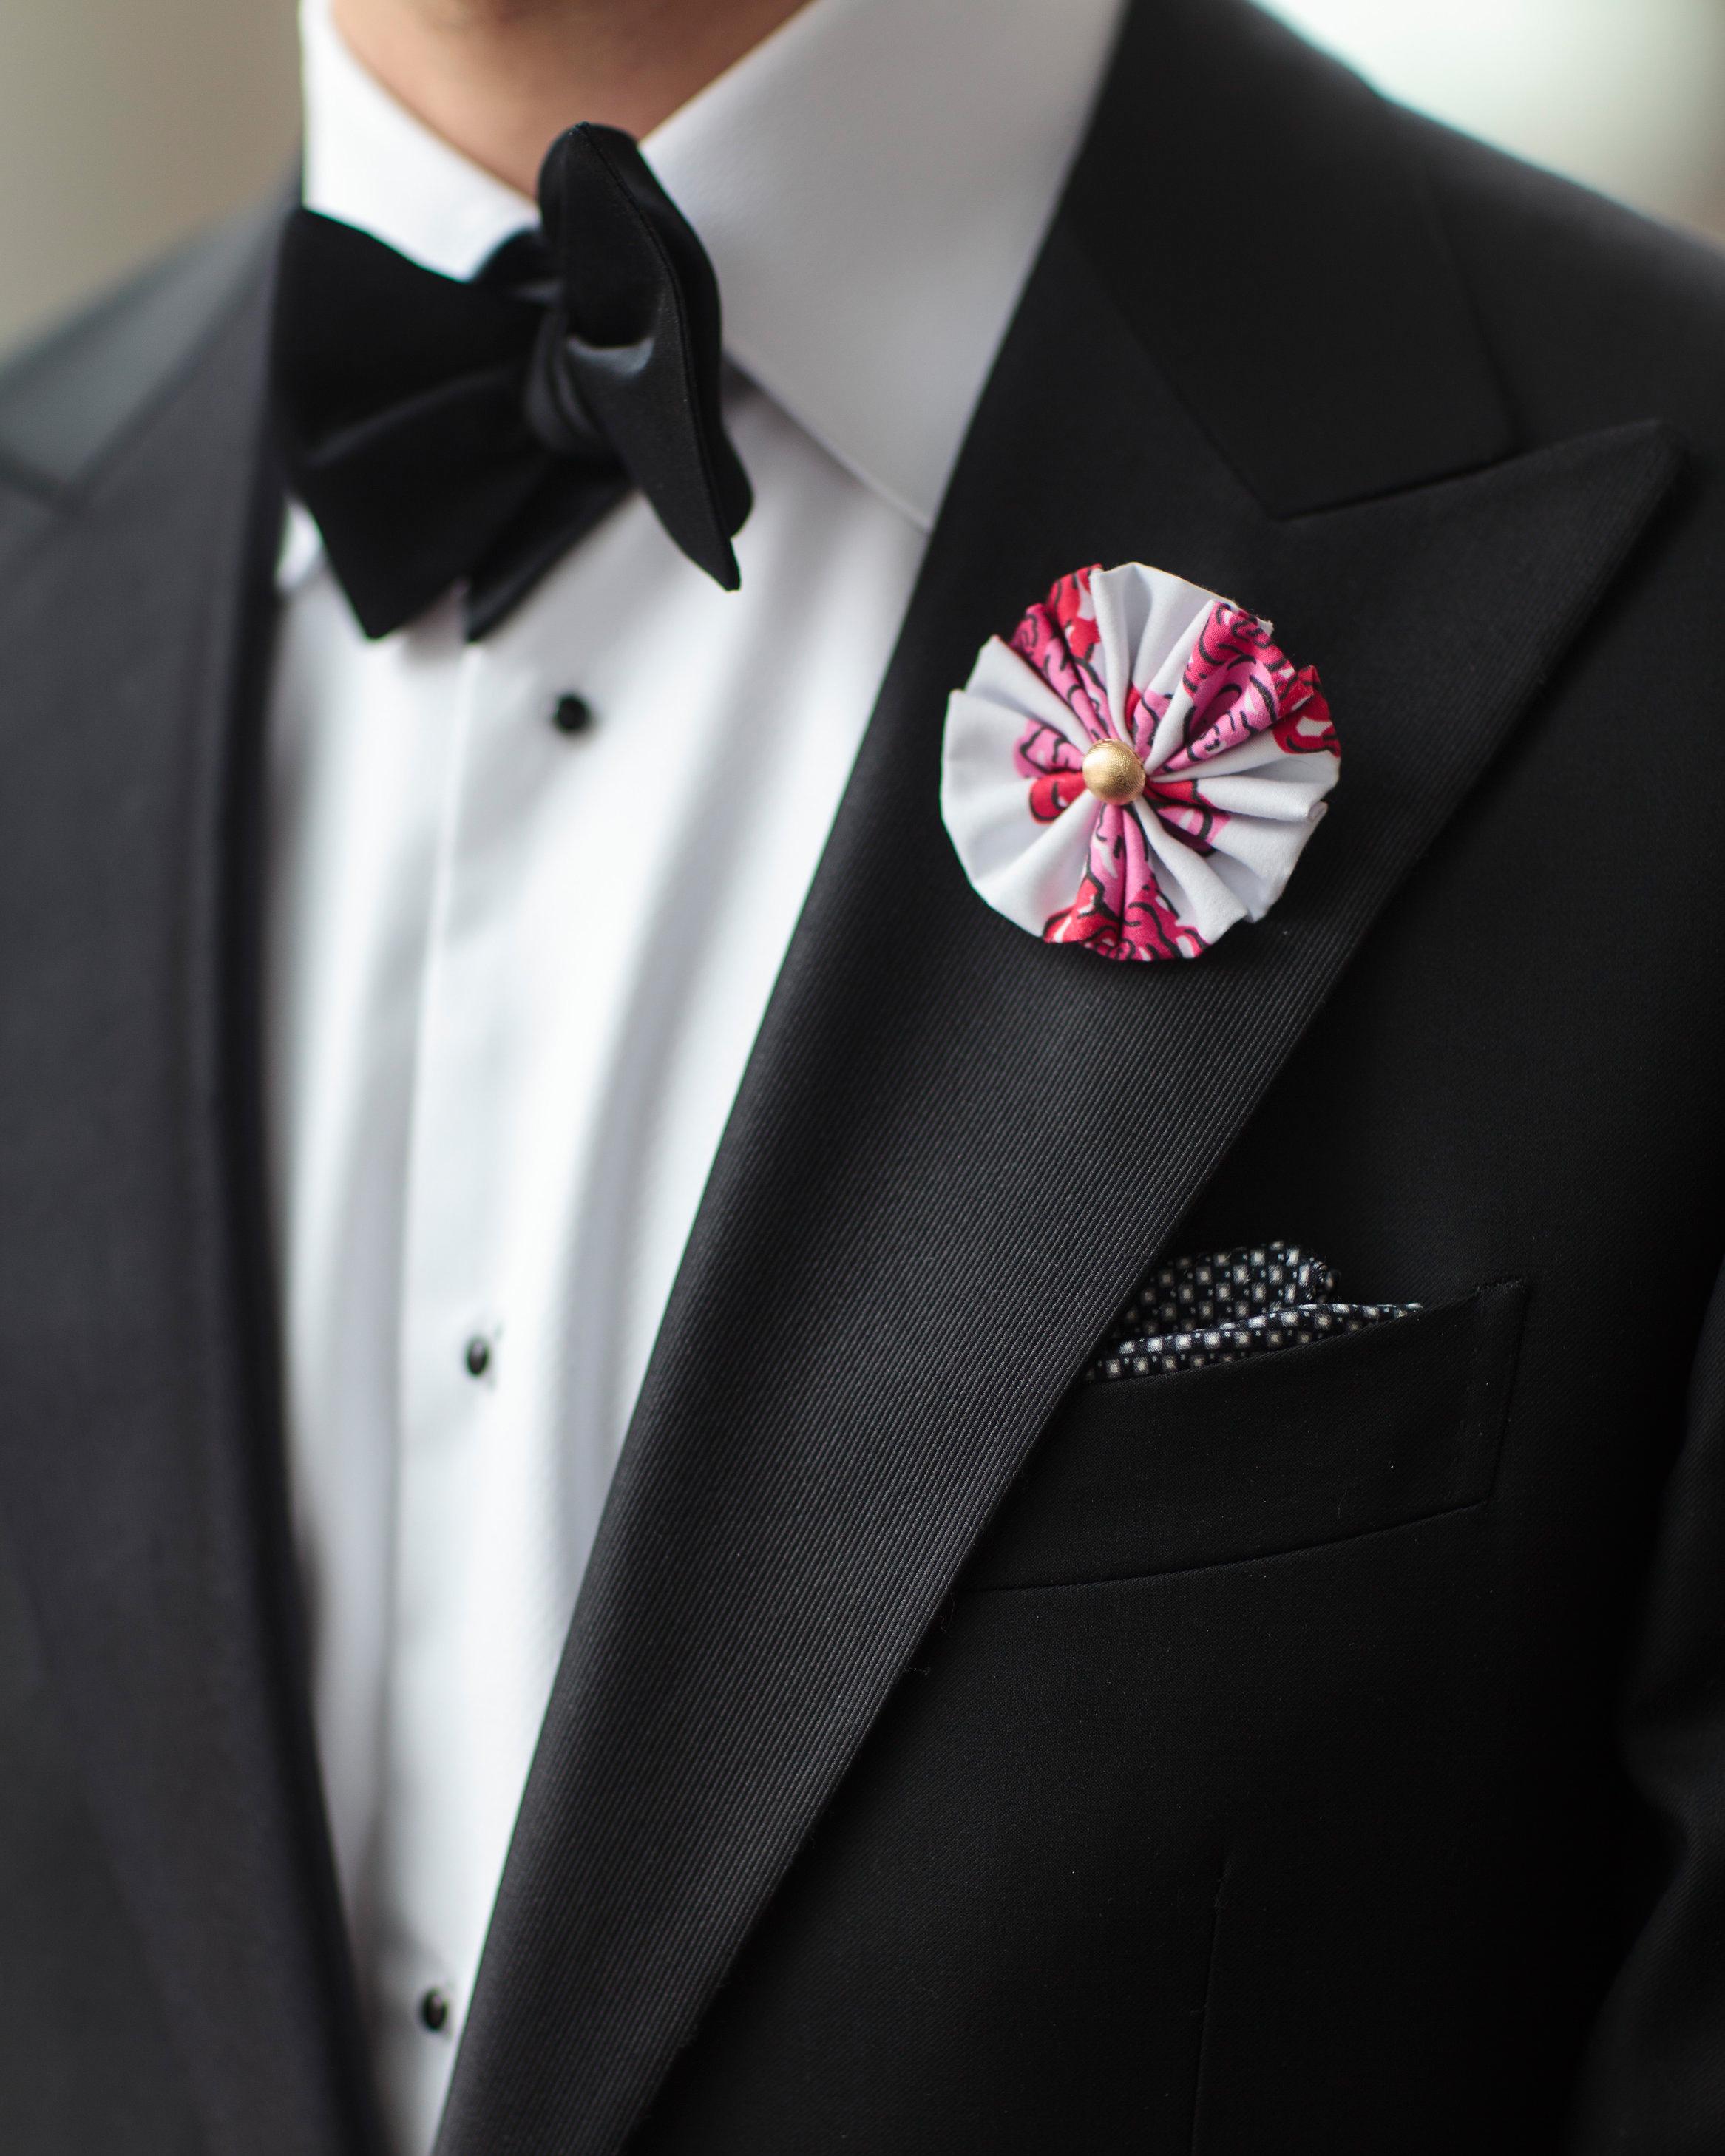 ashley-ryan-wedding-boutonniere-6634-s111852-0415.jpg